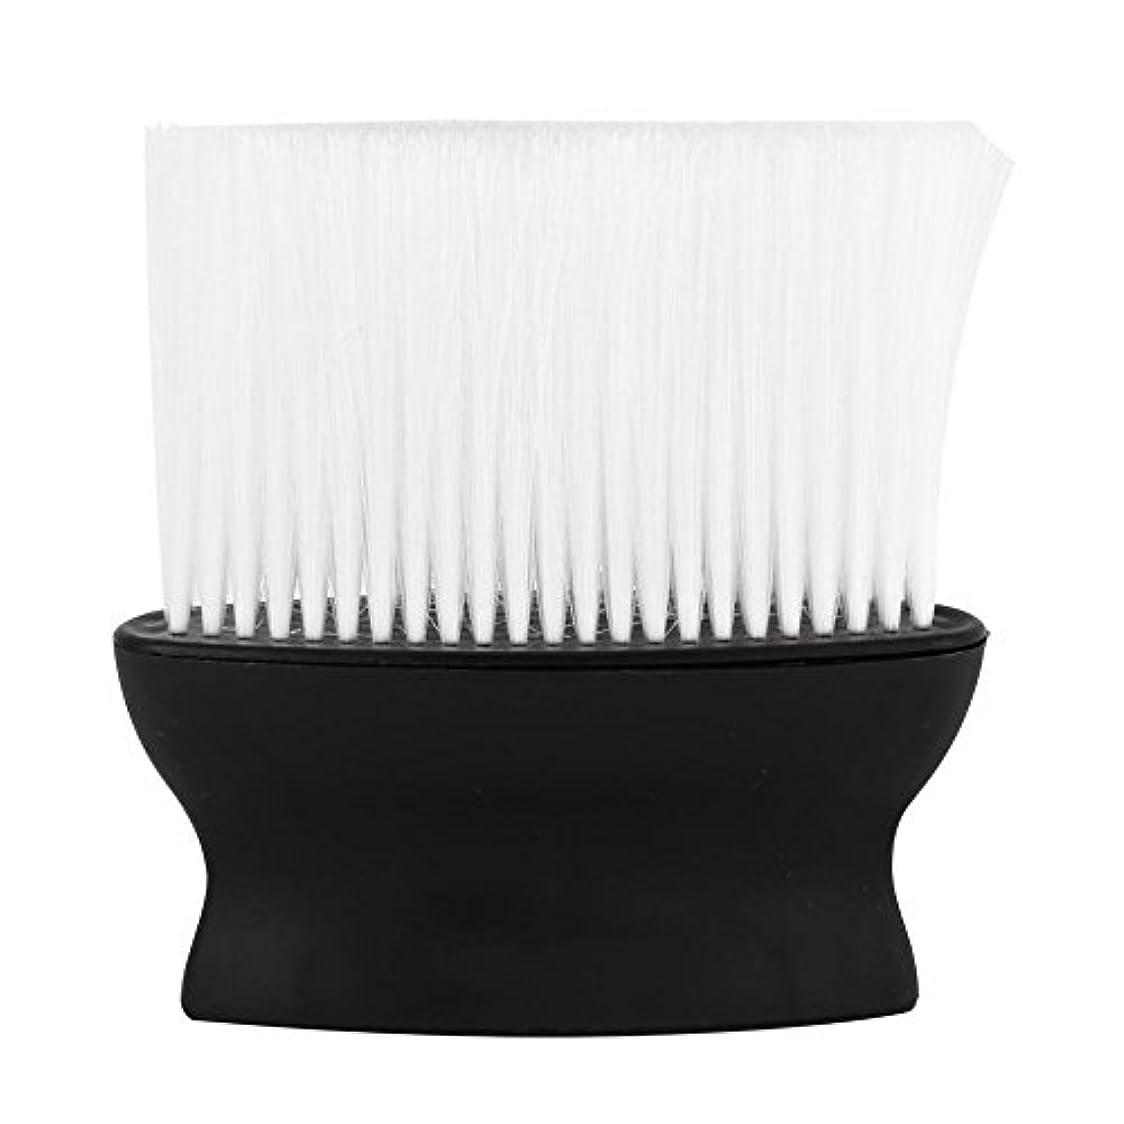 ヘアクリーニングブラシ1ピースプロワイドネックダスタークリーンブラシ理髪師ヘアカット理髪スタイリストサロン